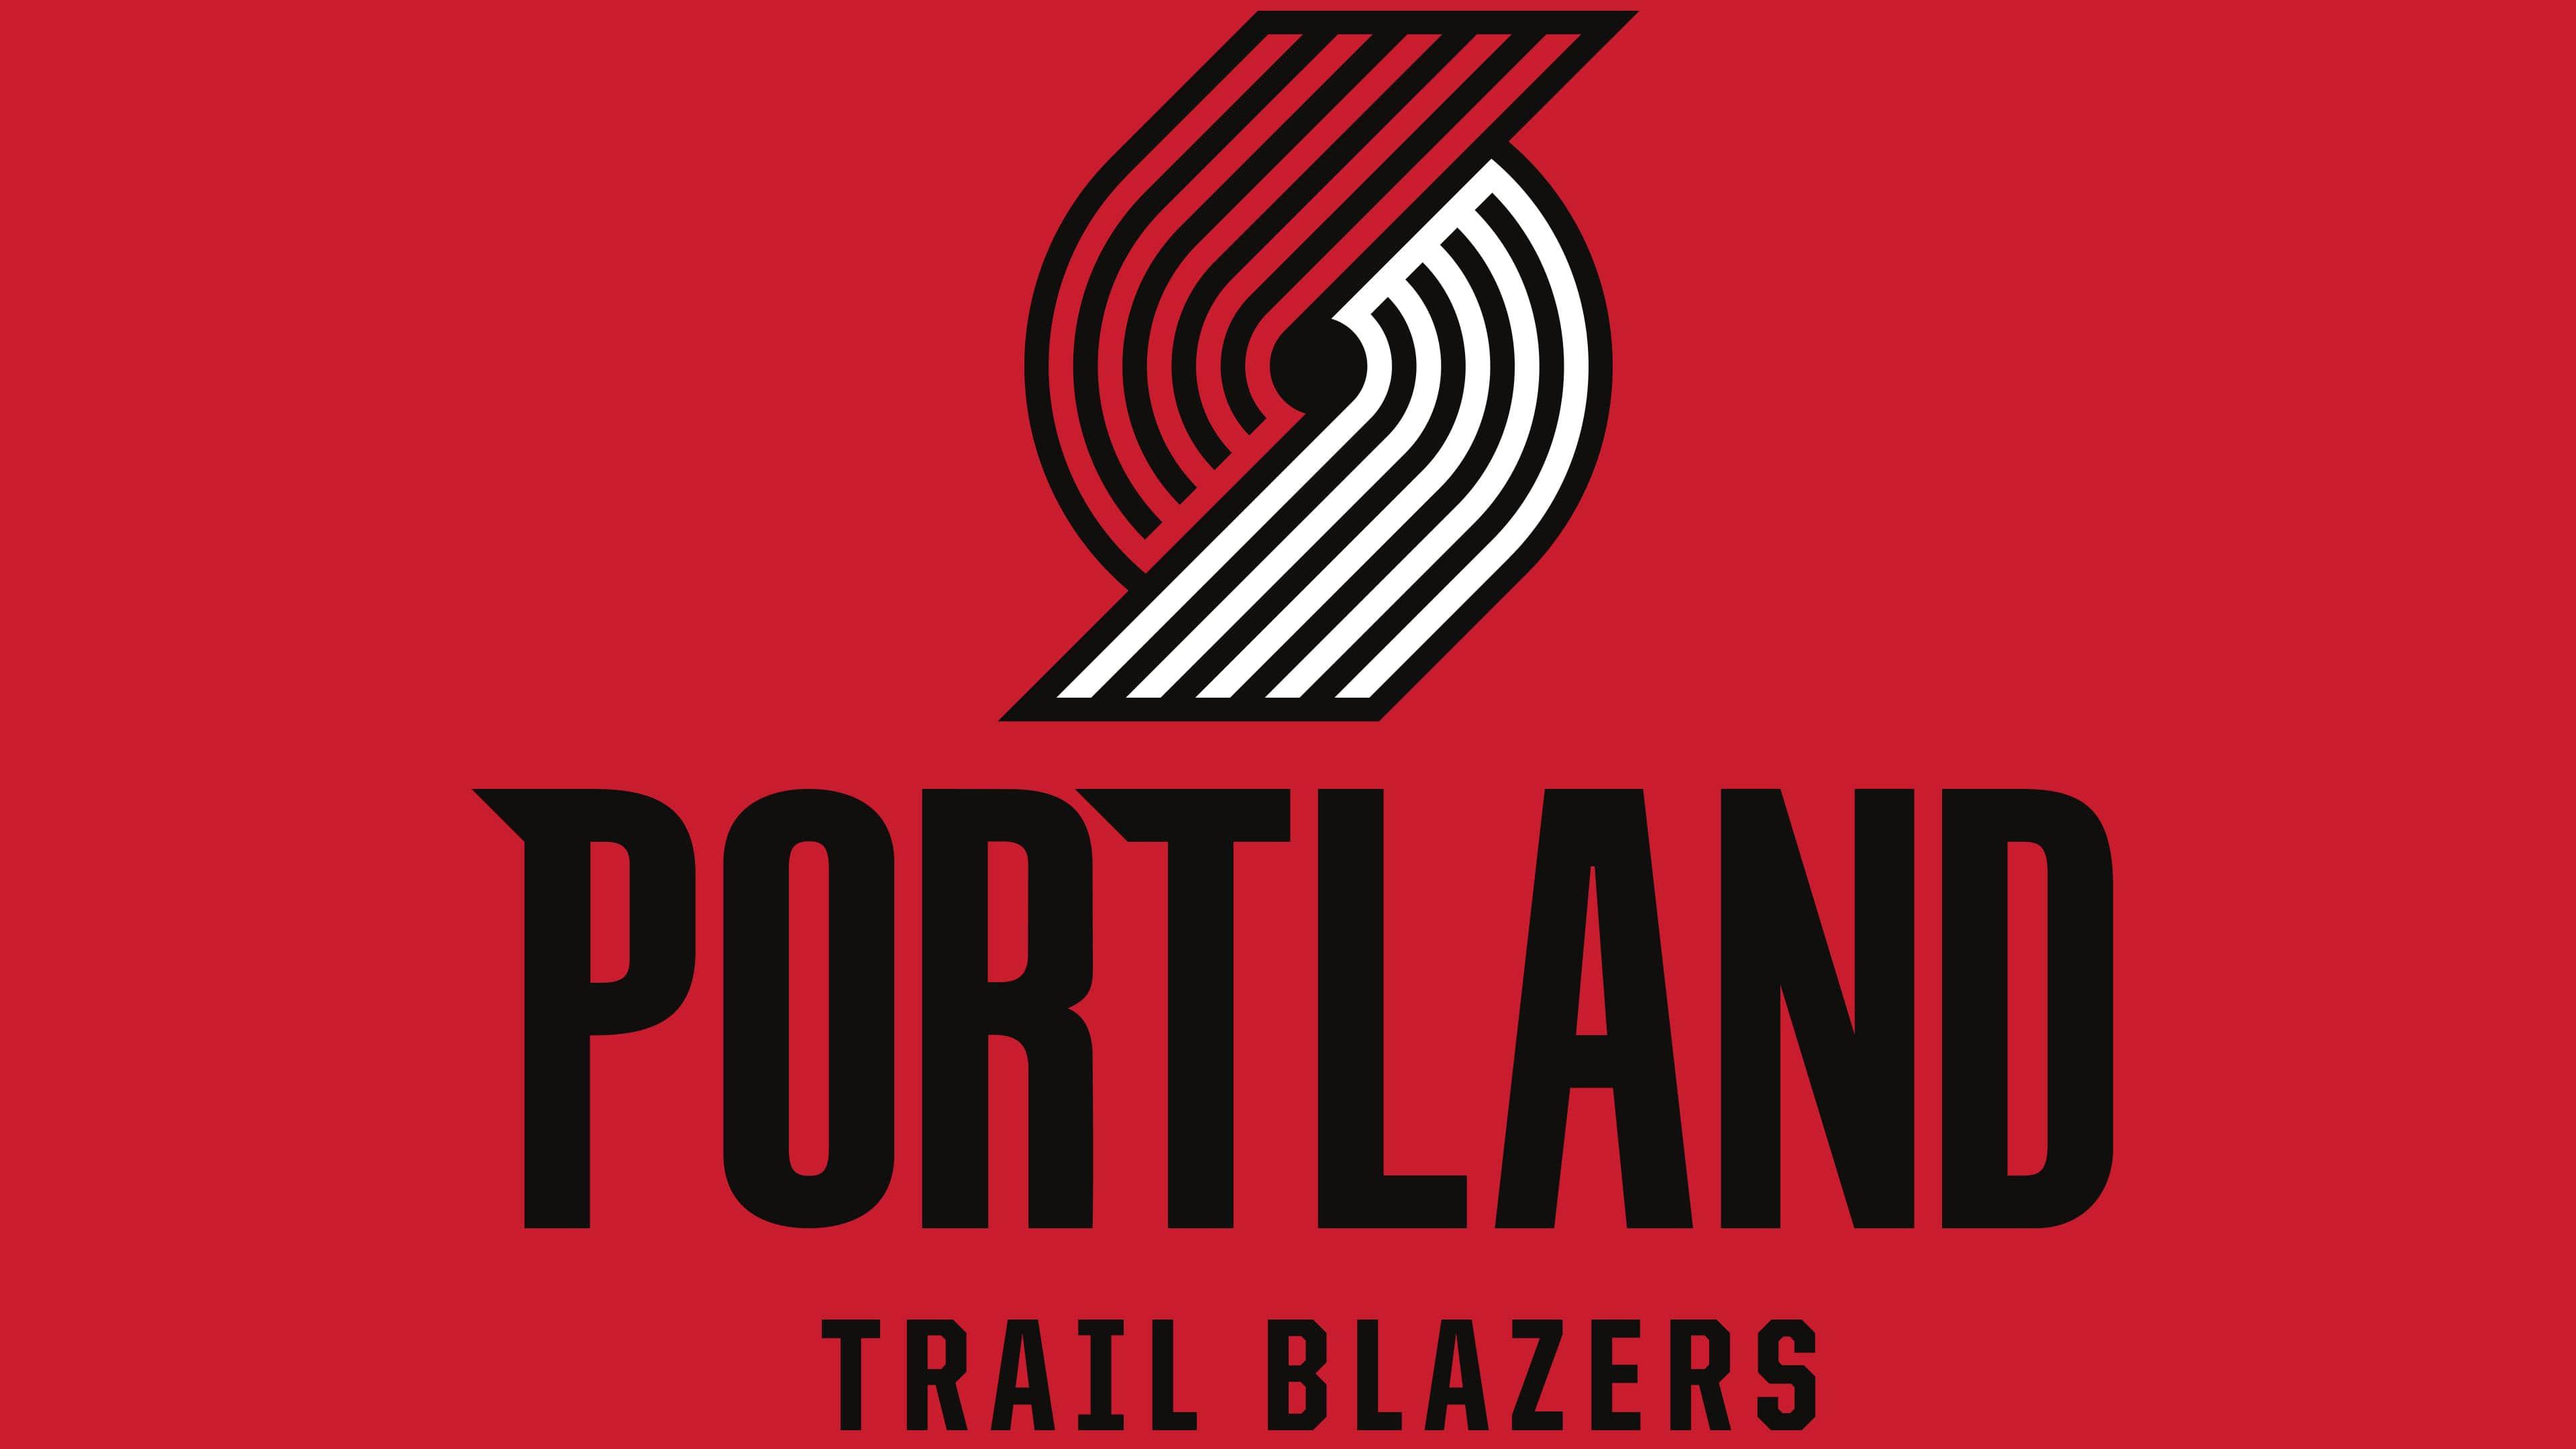 Portland Trail Blazers Logos.